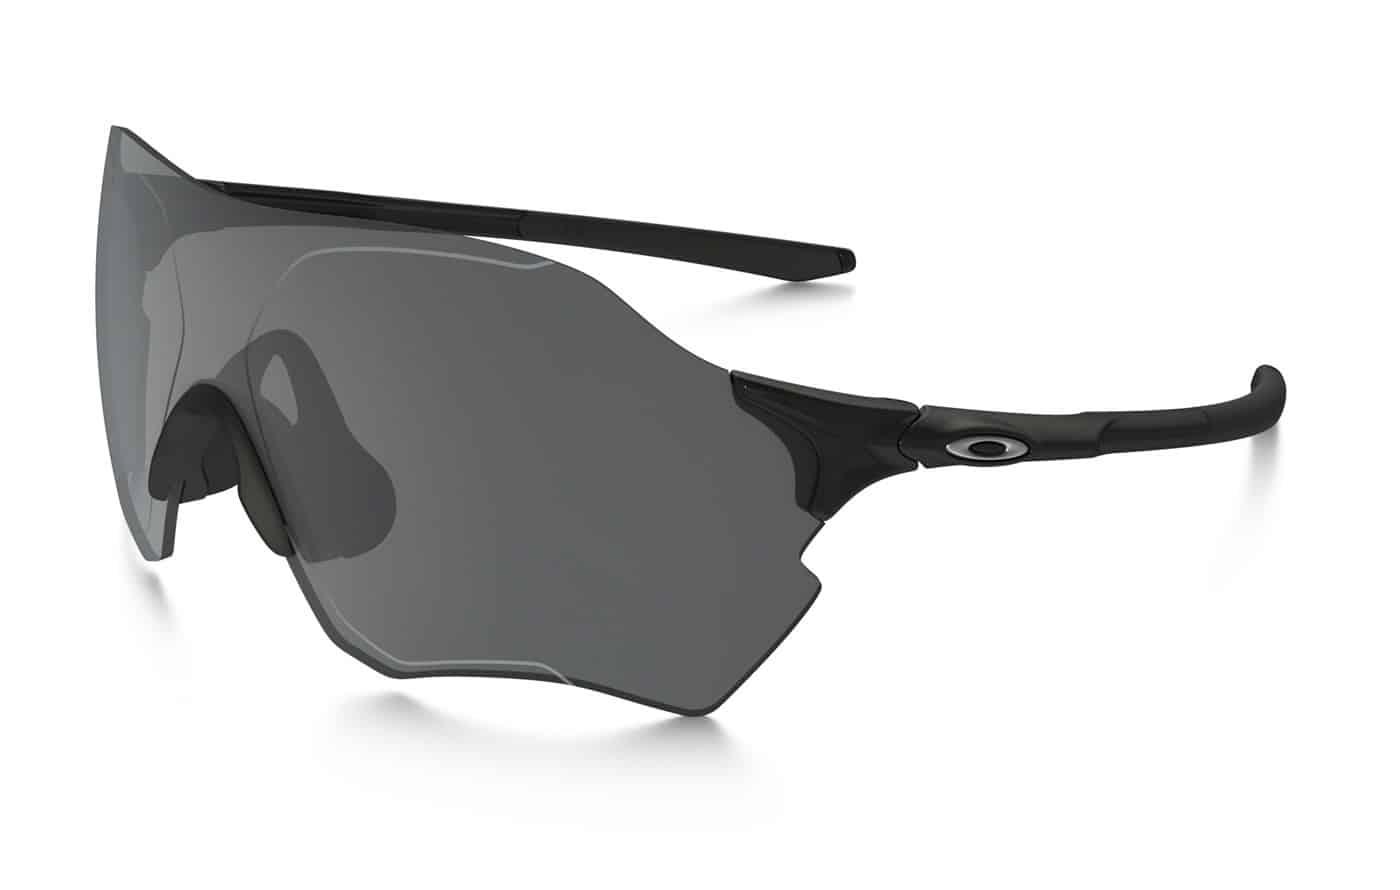 Gafas de sol Oakley Jawbreaker   Gafas deportivas ciclismo 6ce66fcbf2